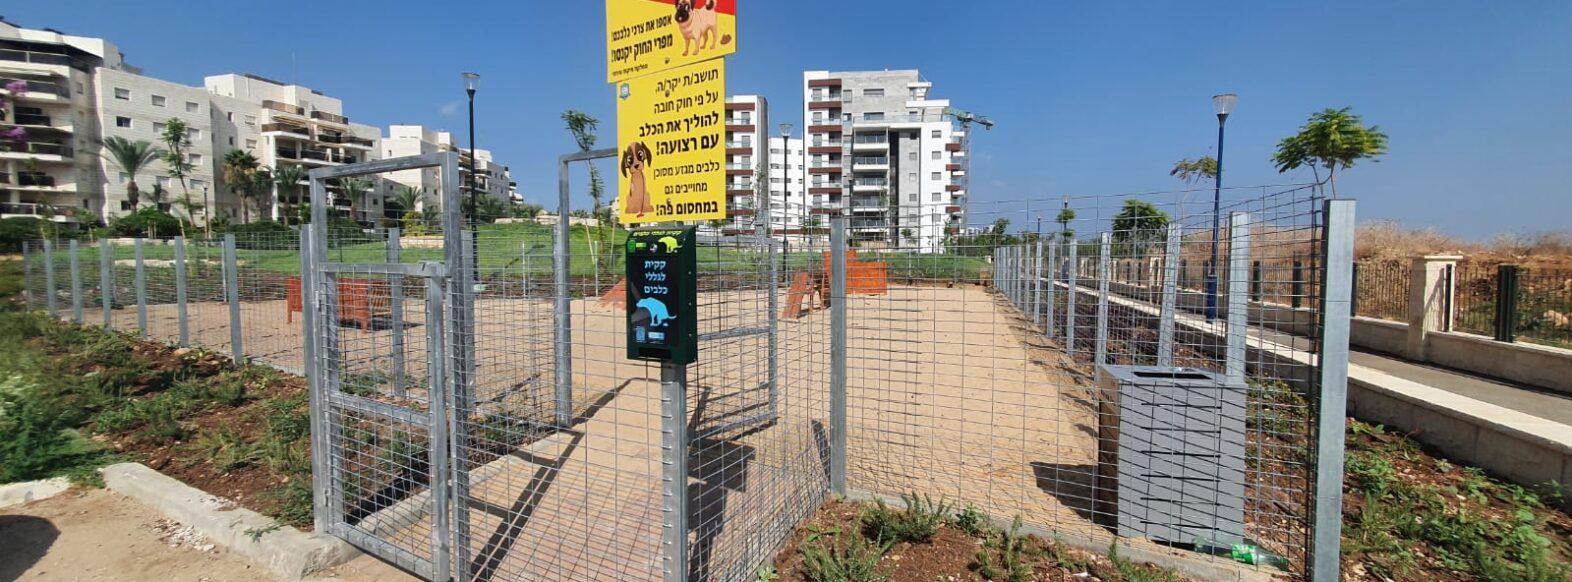 פארק חמישי לשחרור כלבים נפתח בקריית ביאליק